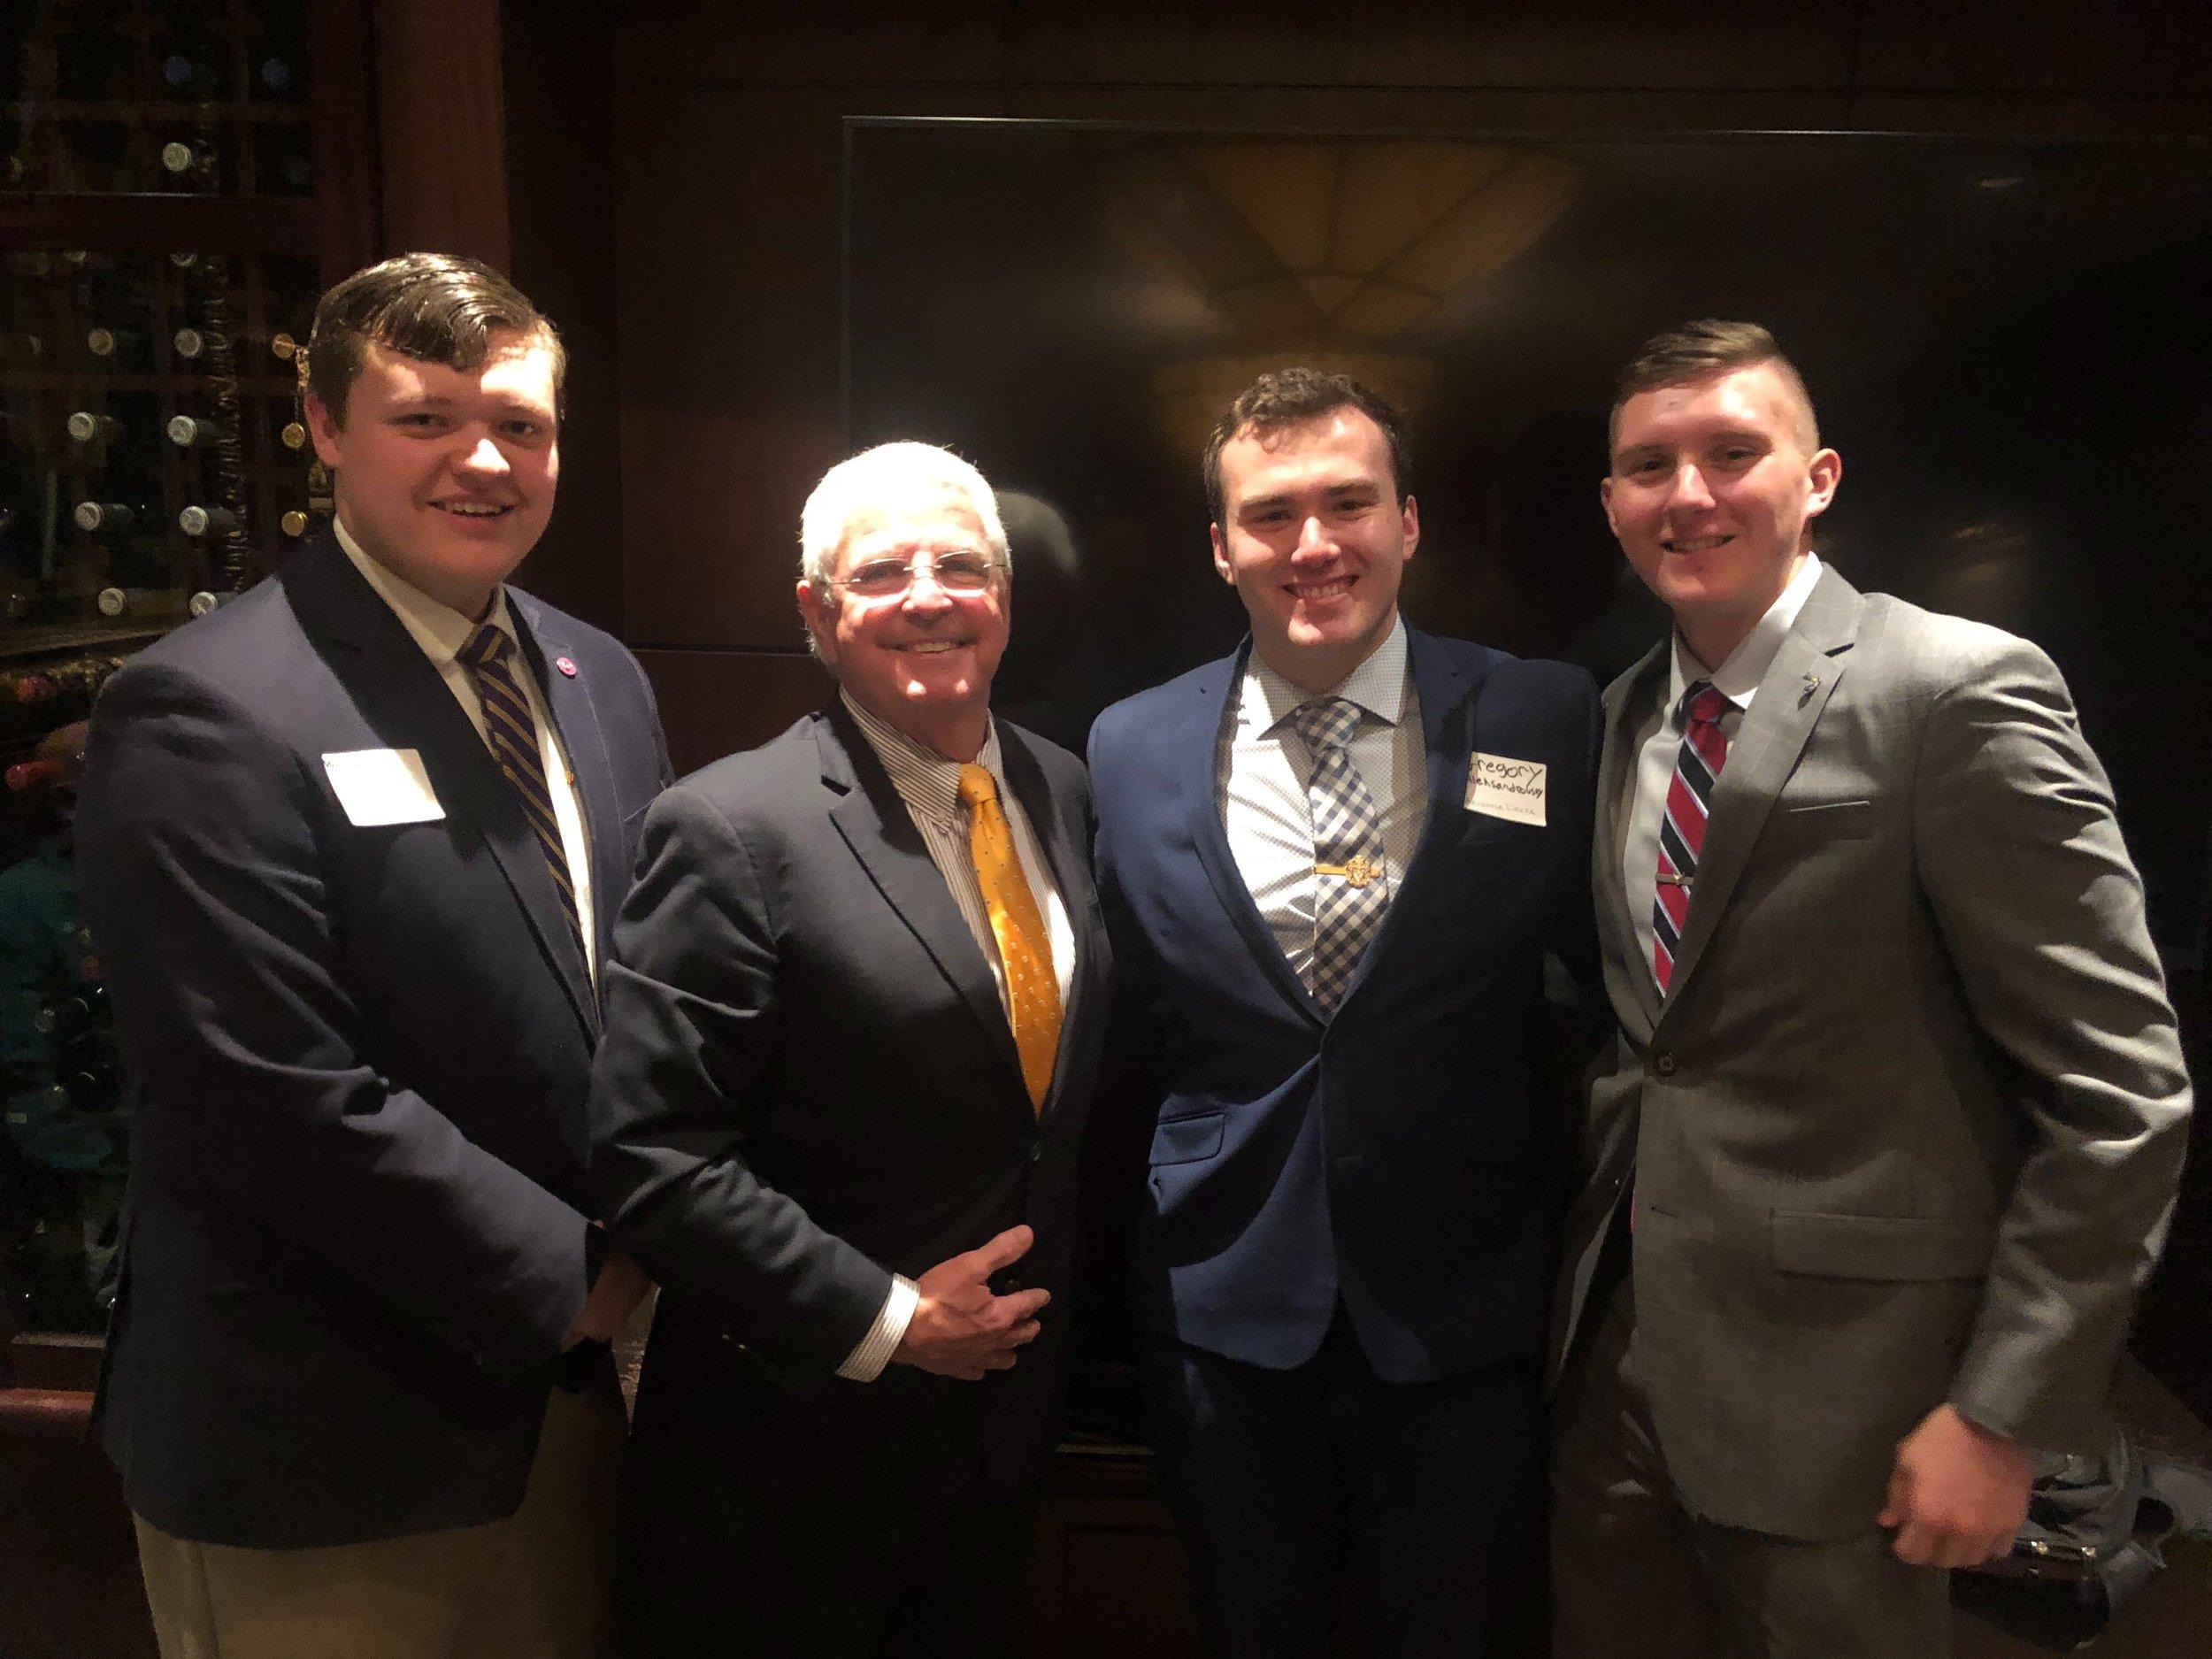 Brothers of Arizona Delta greet John Shadegg